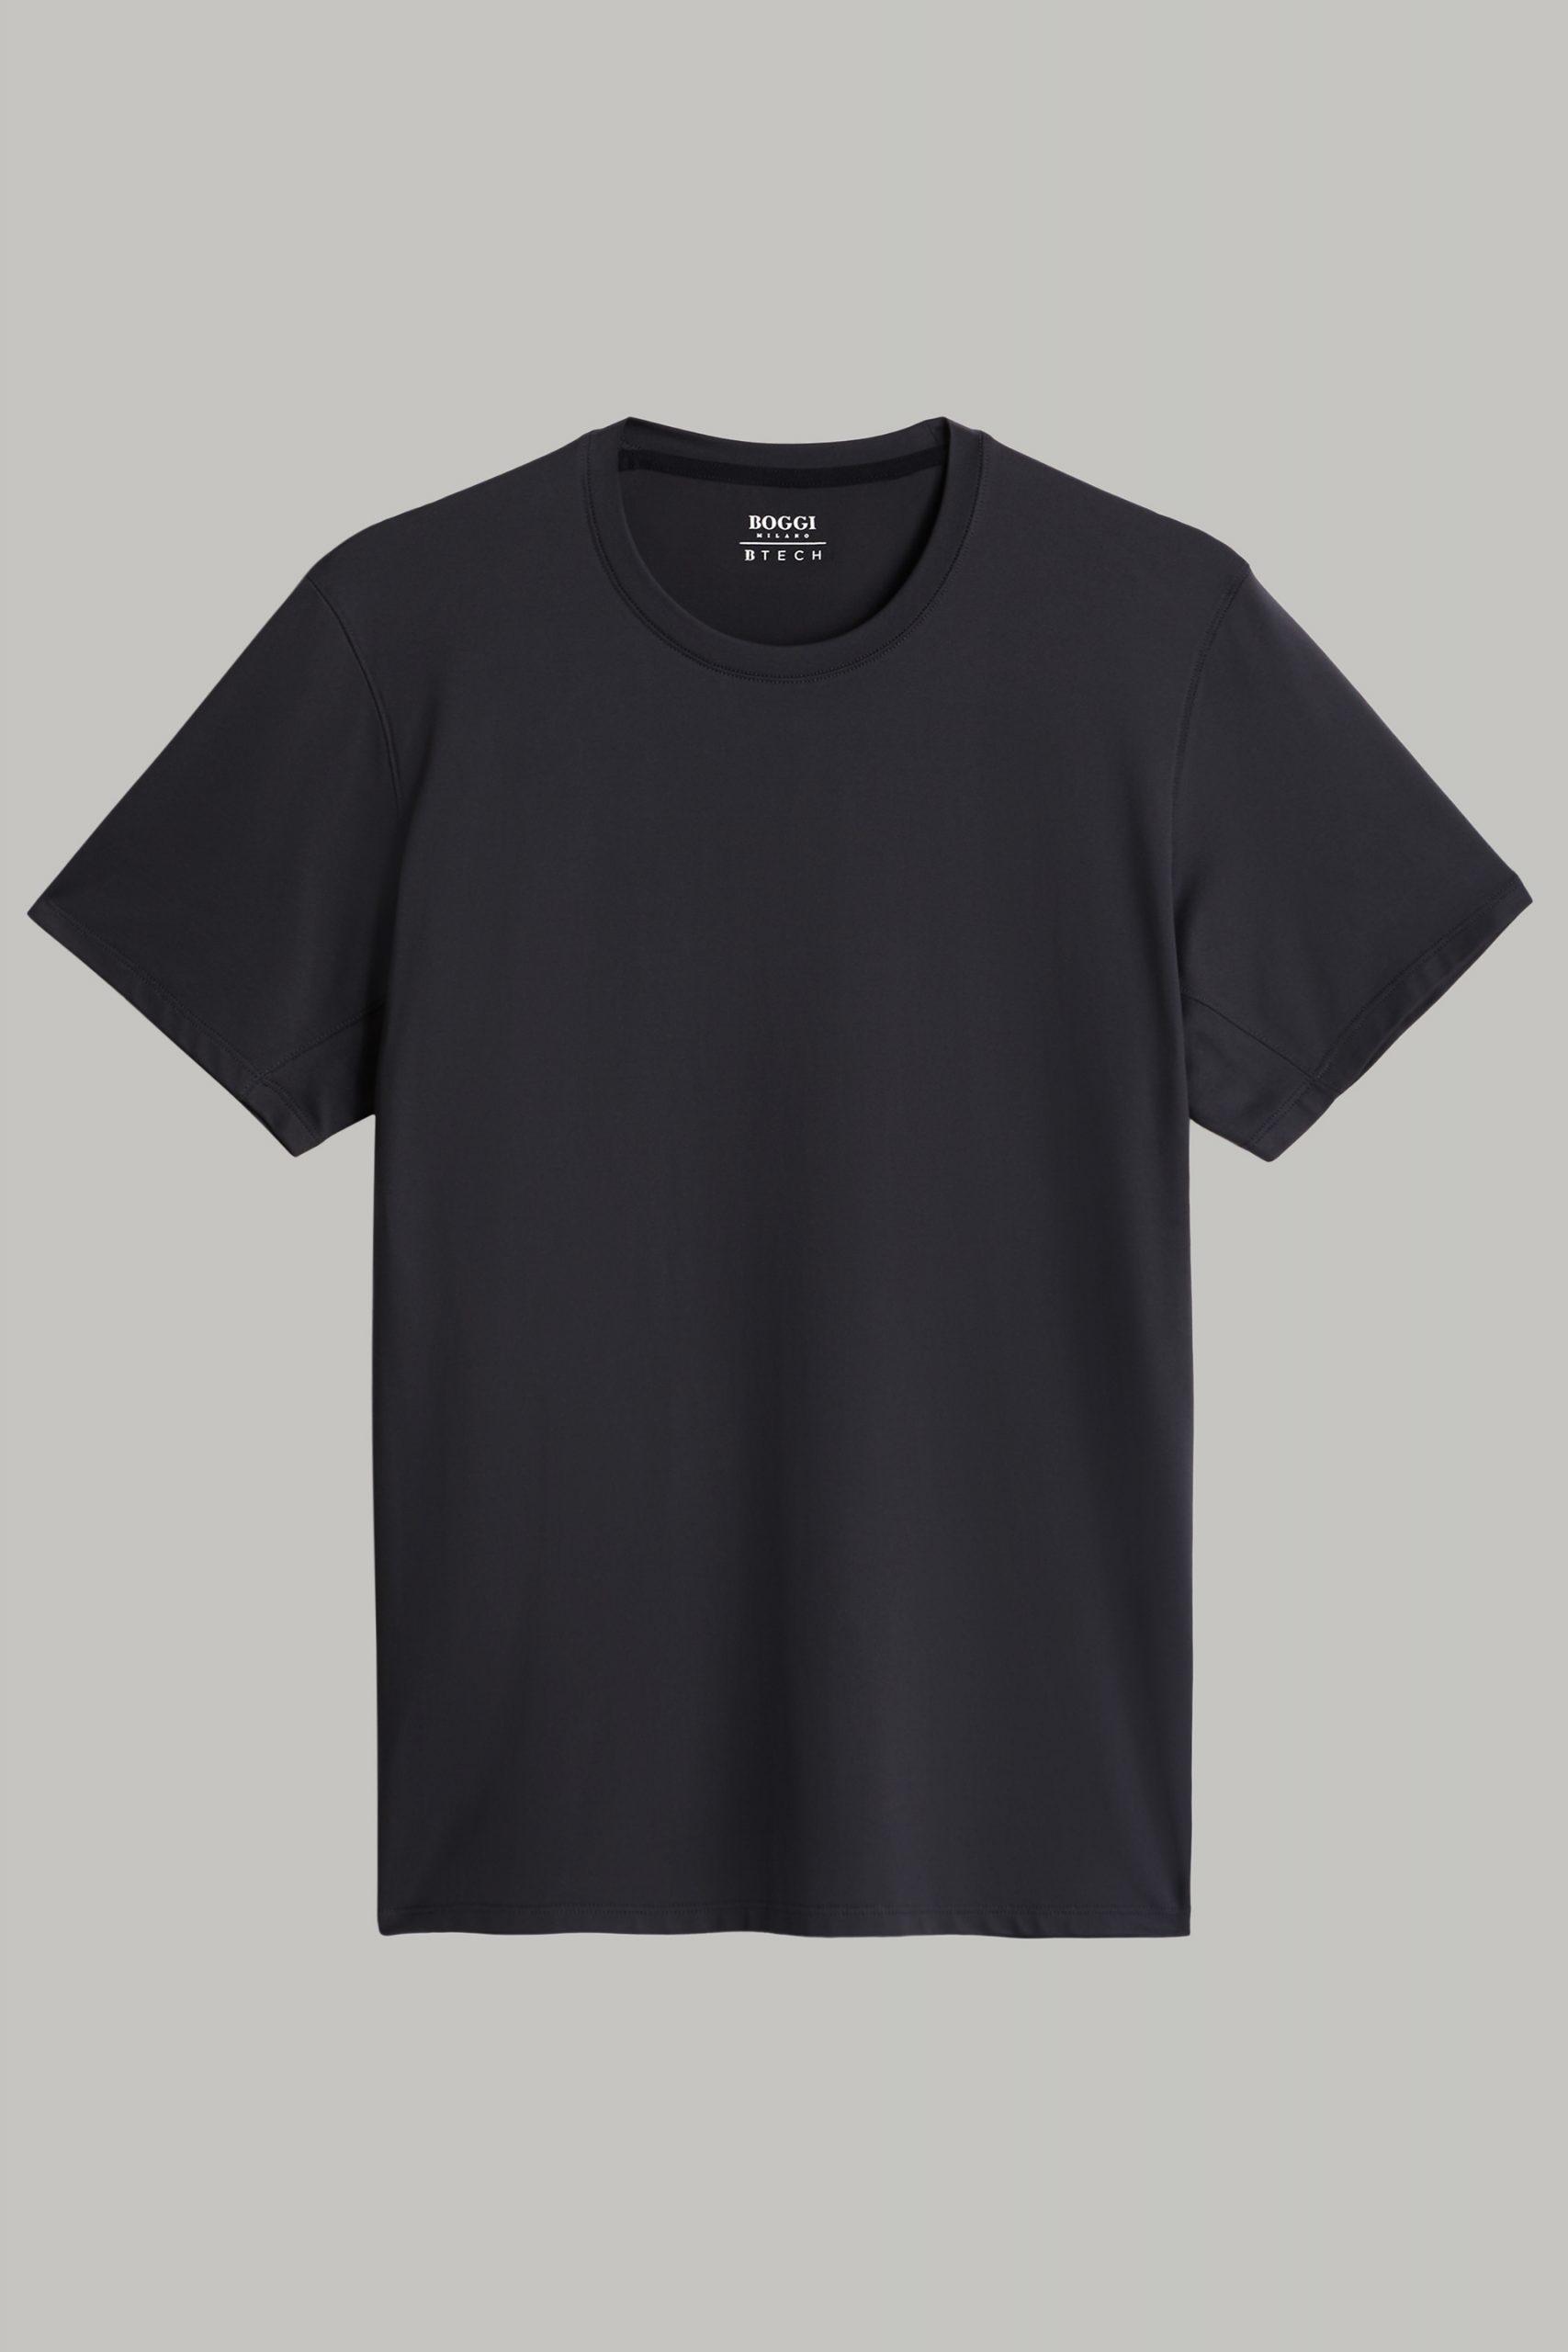 T-Shirts da uomo in colore Nero in materiale